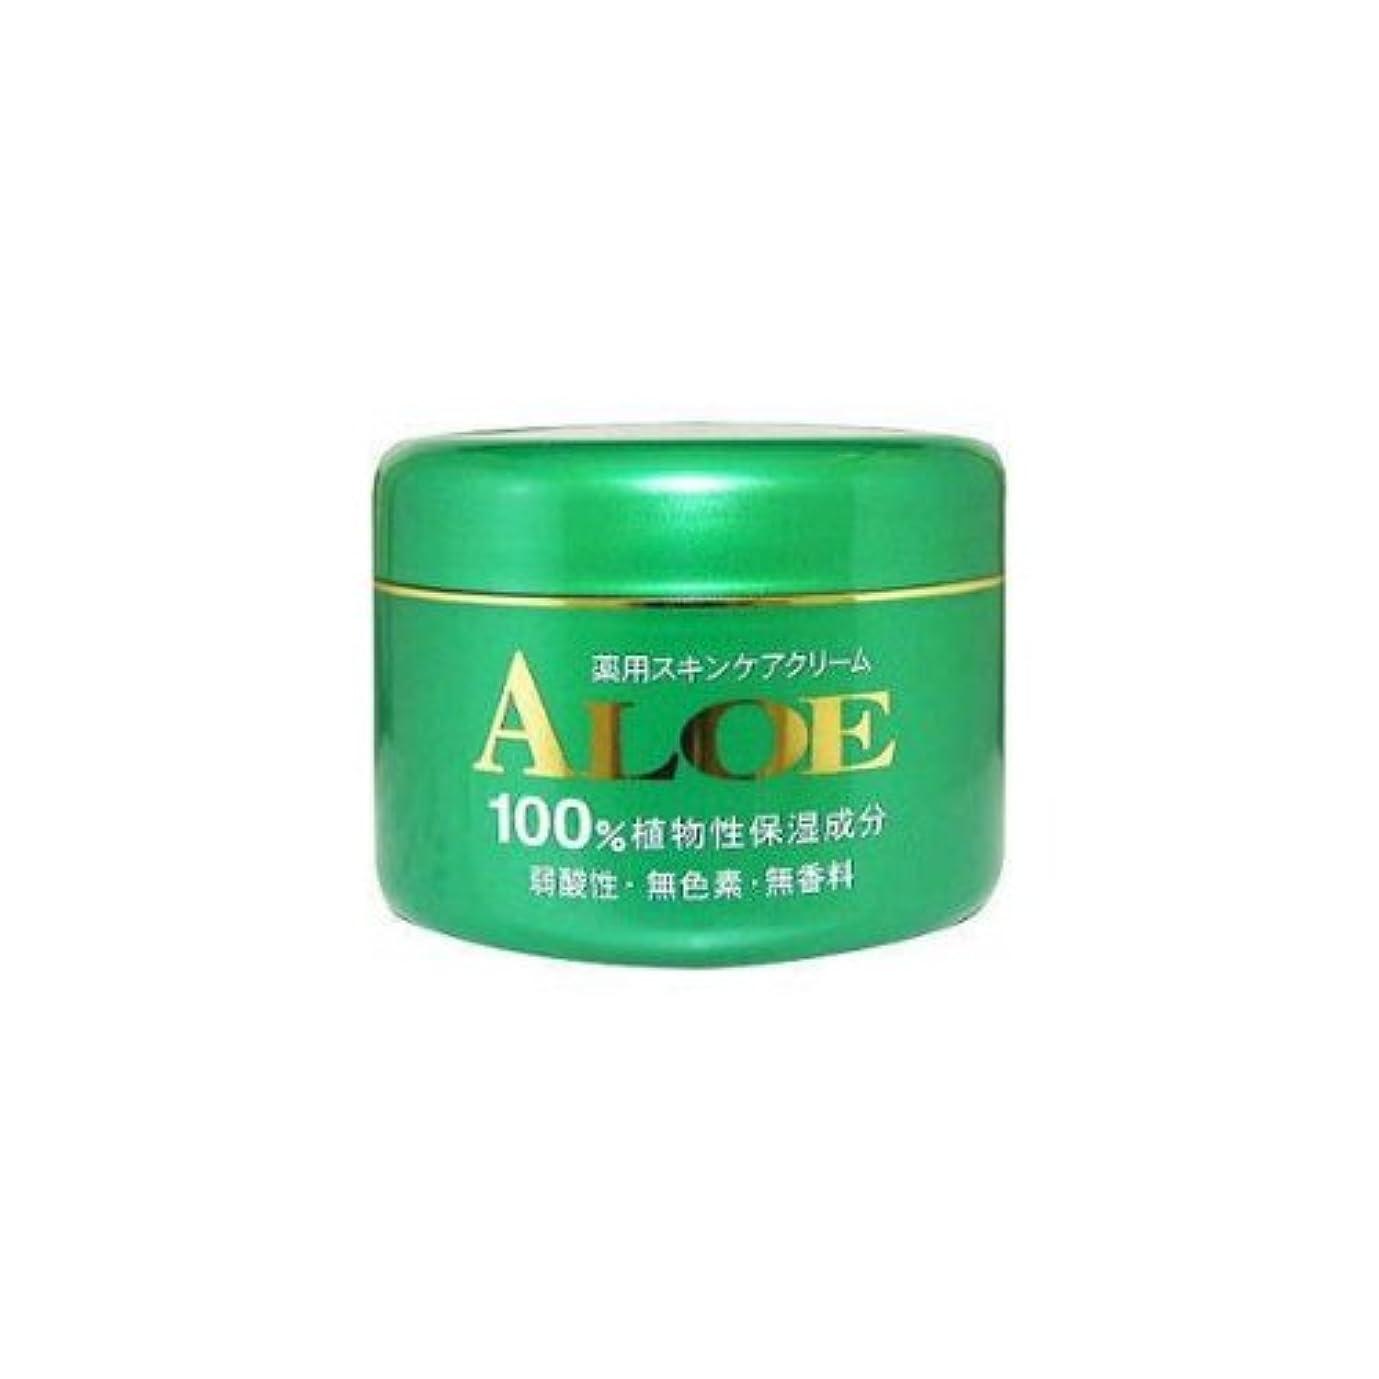 コンプライアンスギャロップ印象的アロエ薬用スキンケアクリーム185g